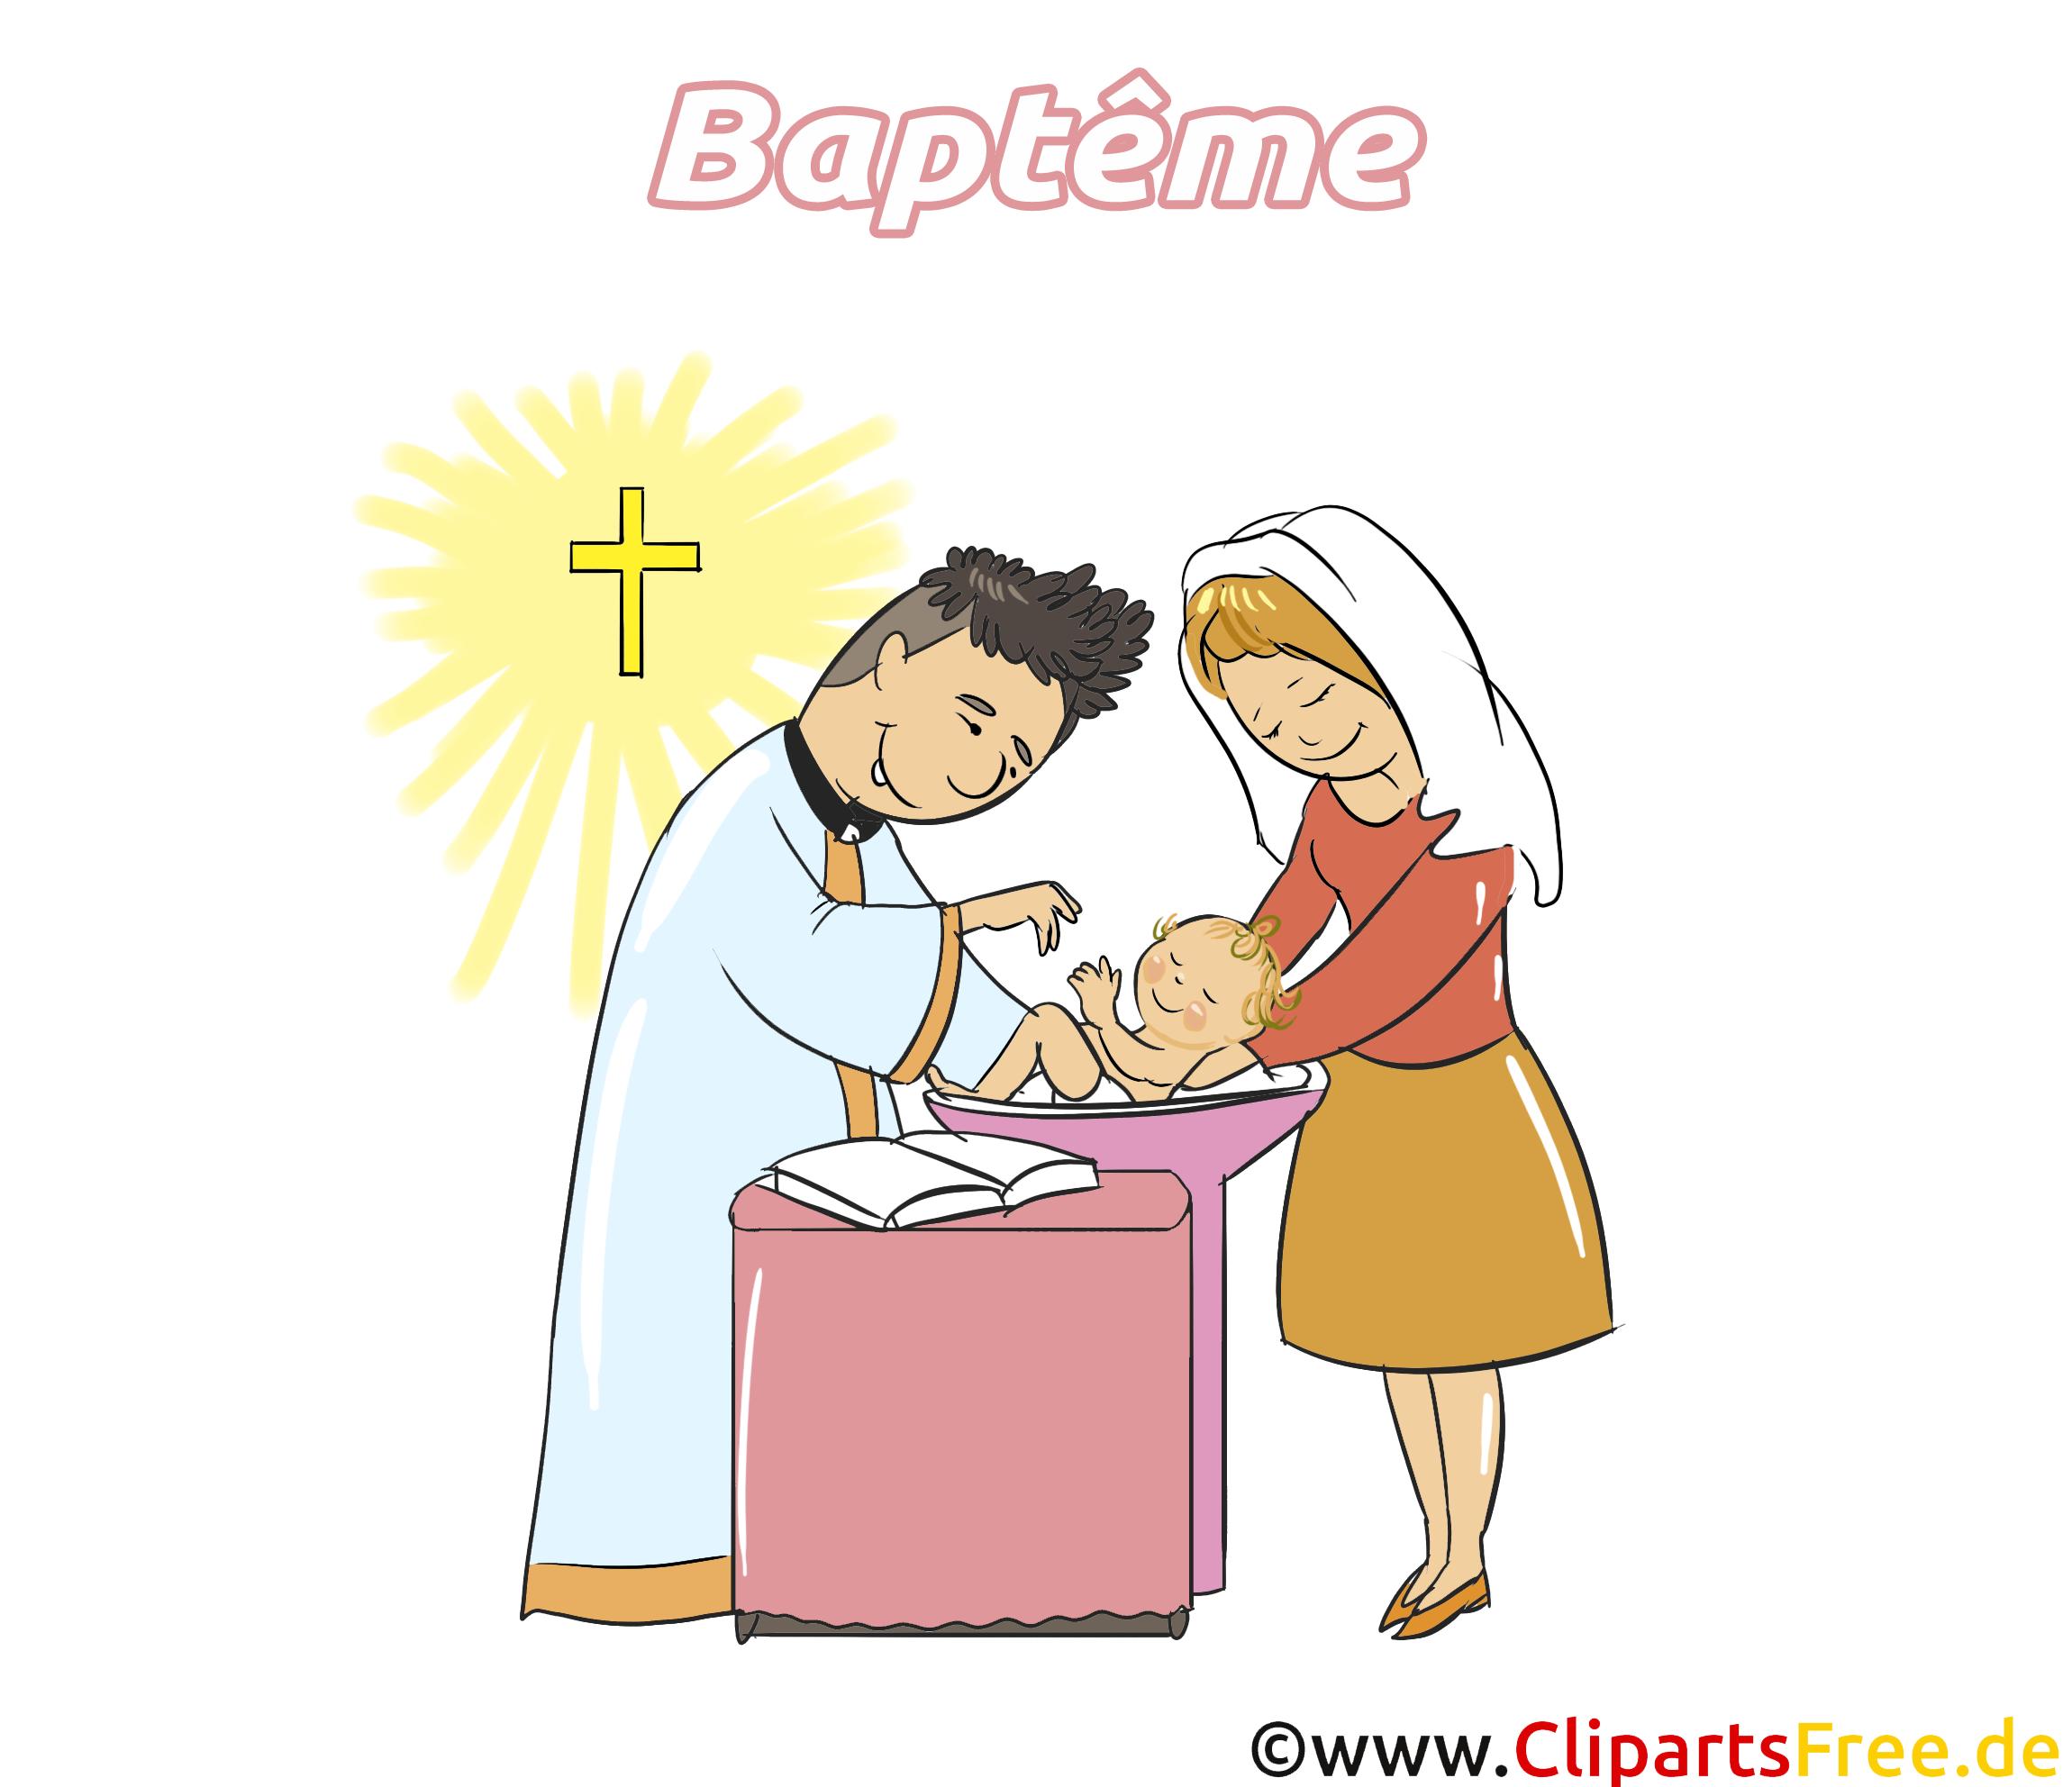 Prêtre dessin - Baptême cliparts à télécharger